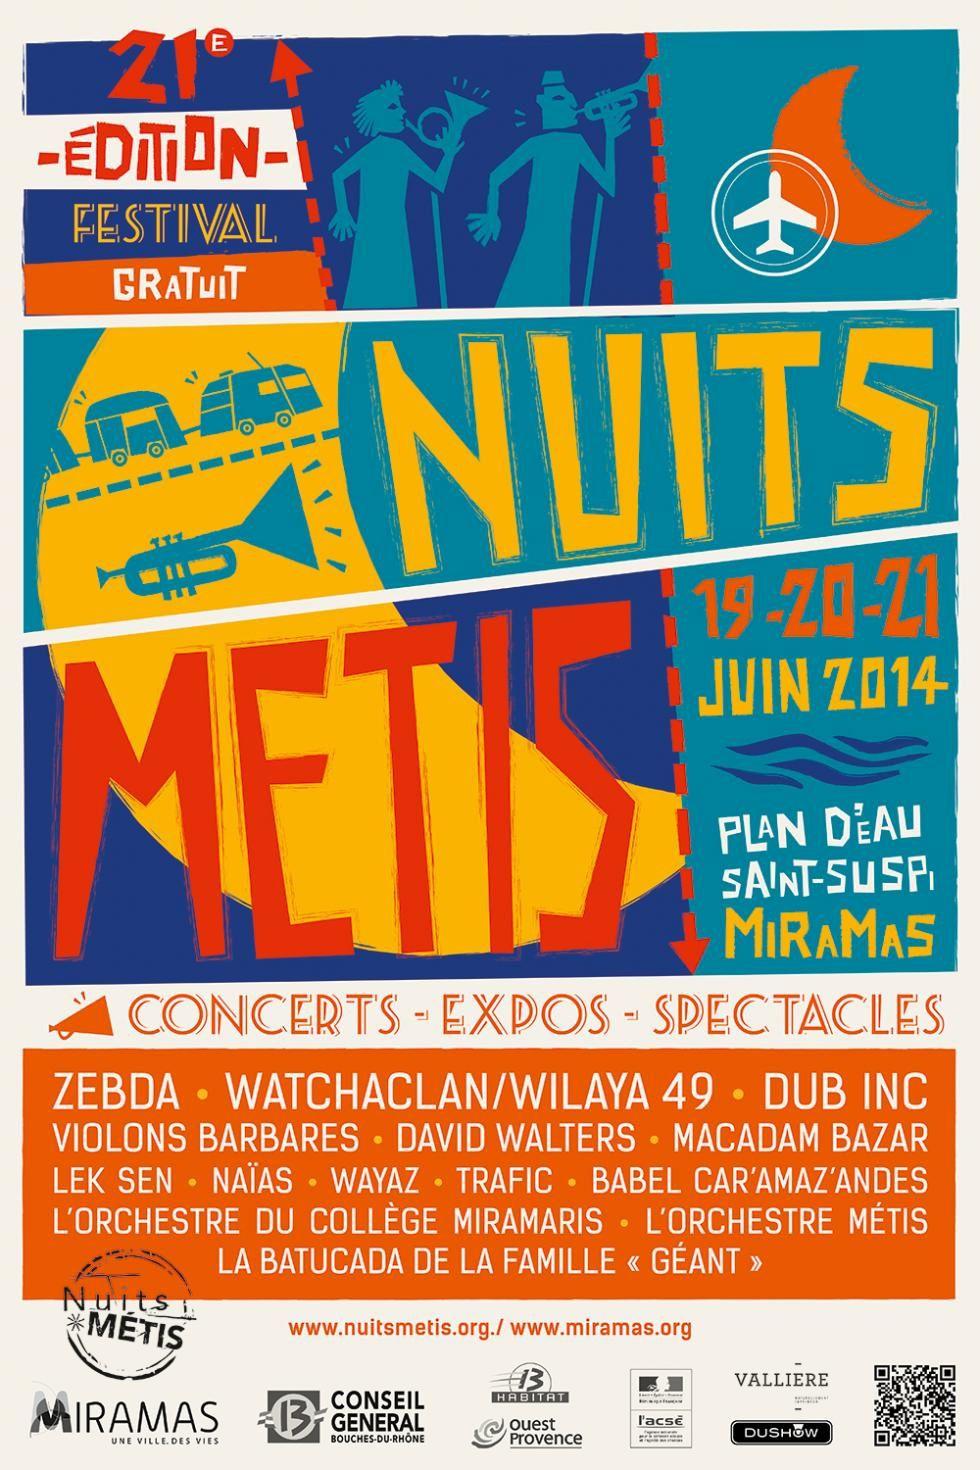 Du 19 au 21/06/14 - Festival Nuits Métis - Miramas